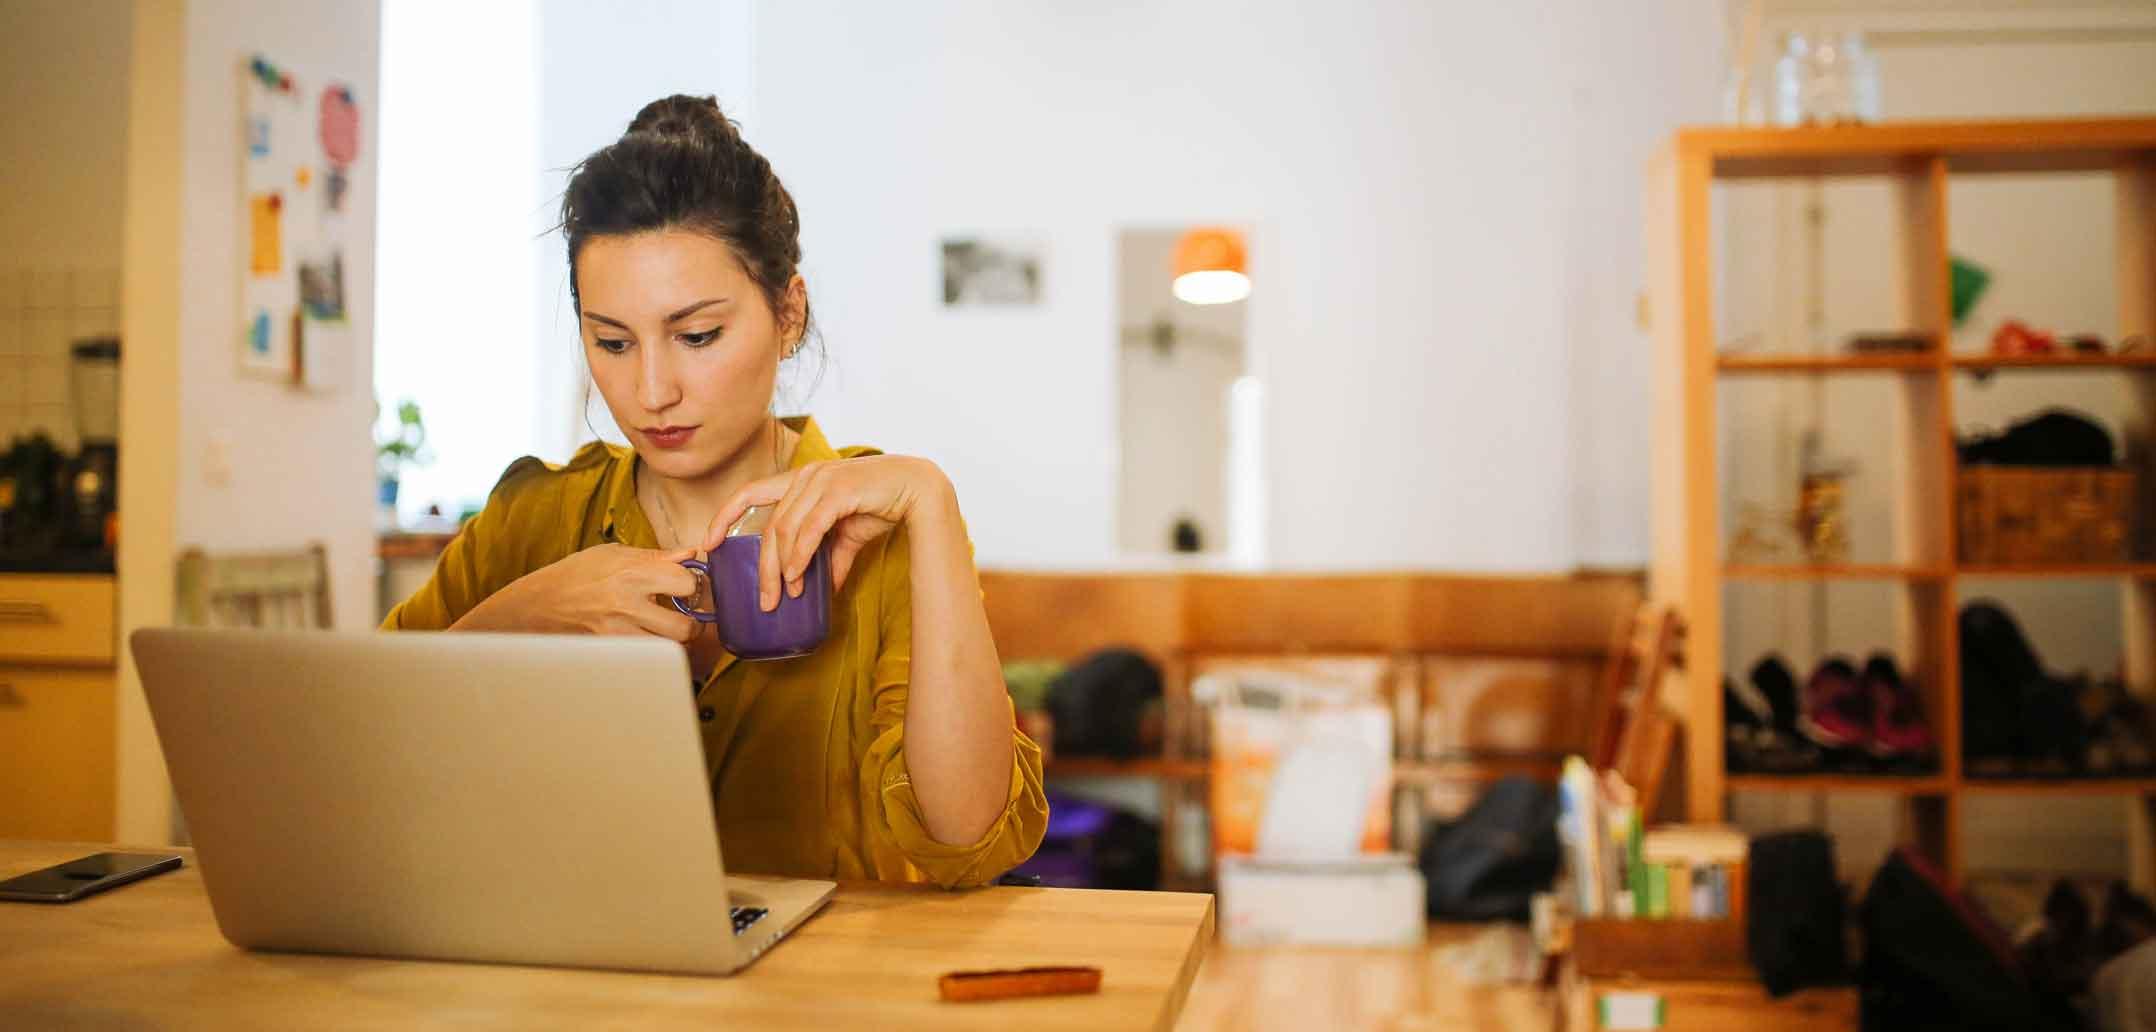 Wissen Sie, was Ihr Partner googelt?